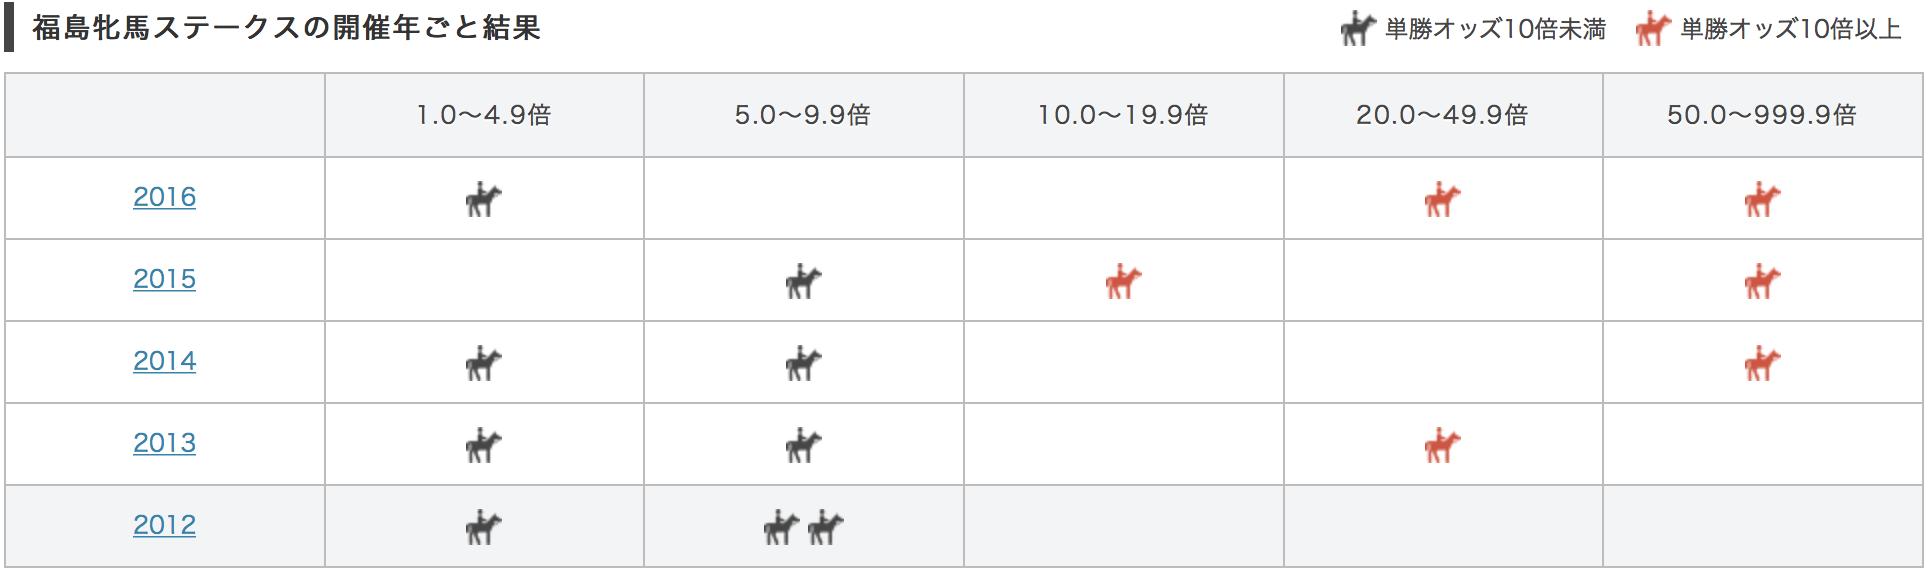 福島牝馬ステークス2017単勝オッズ別データ